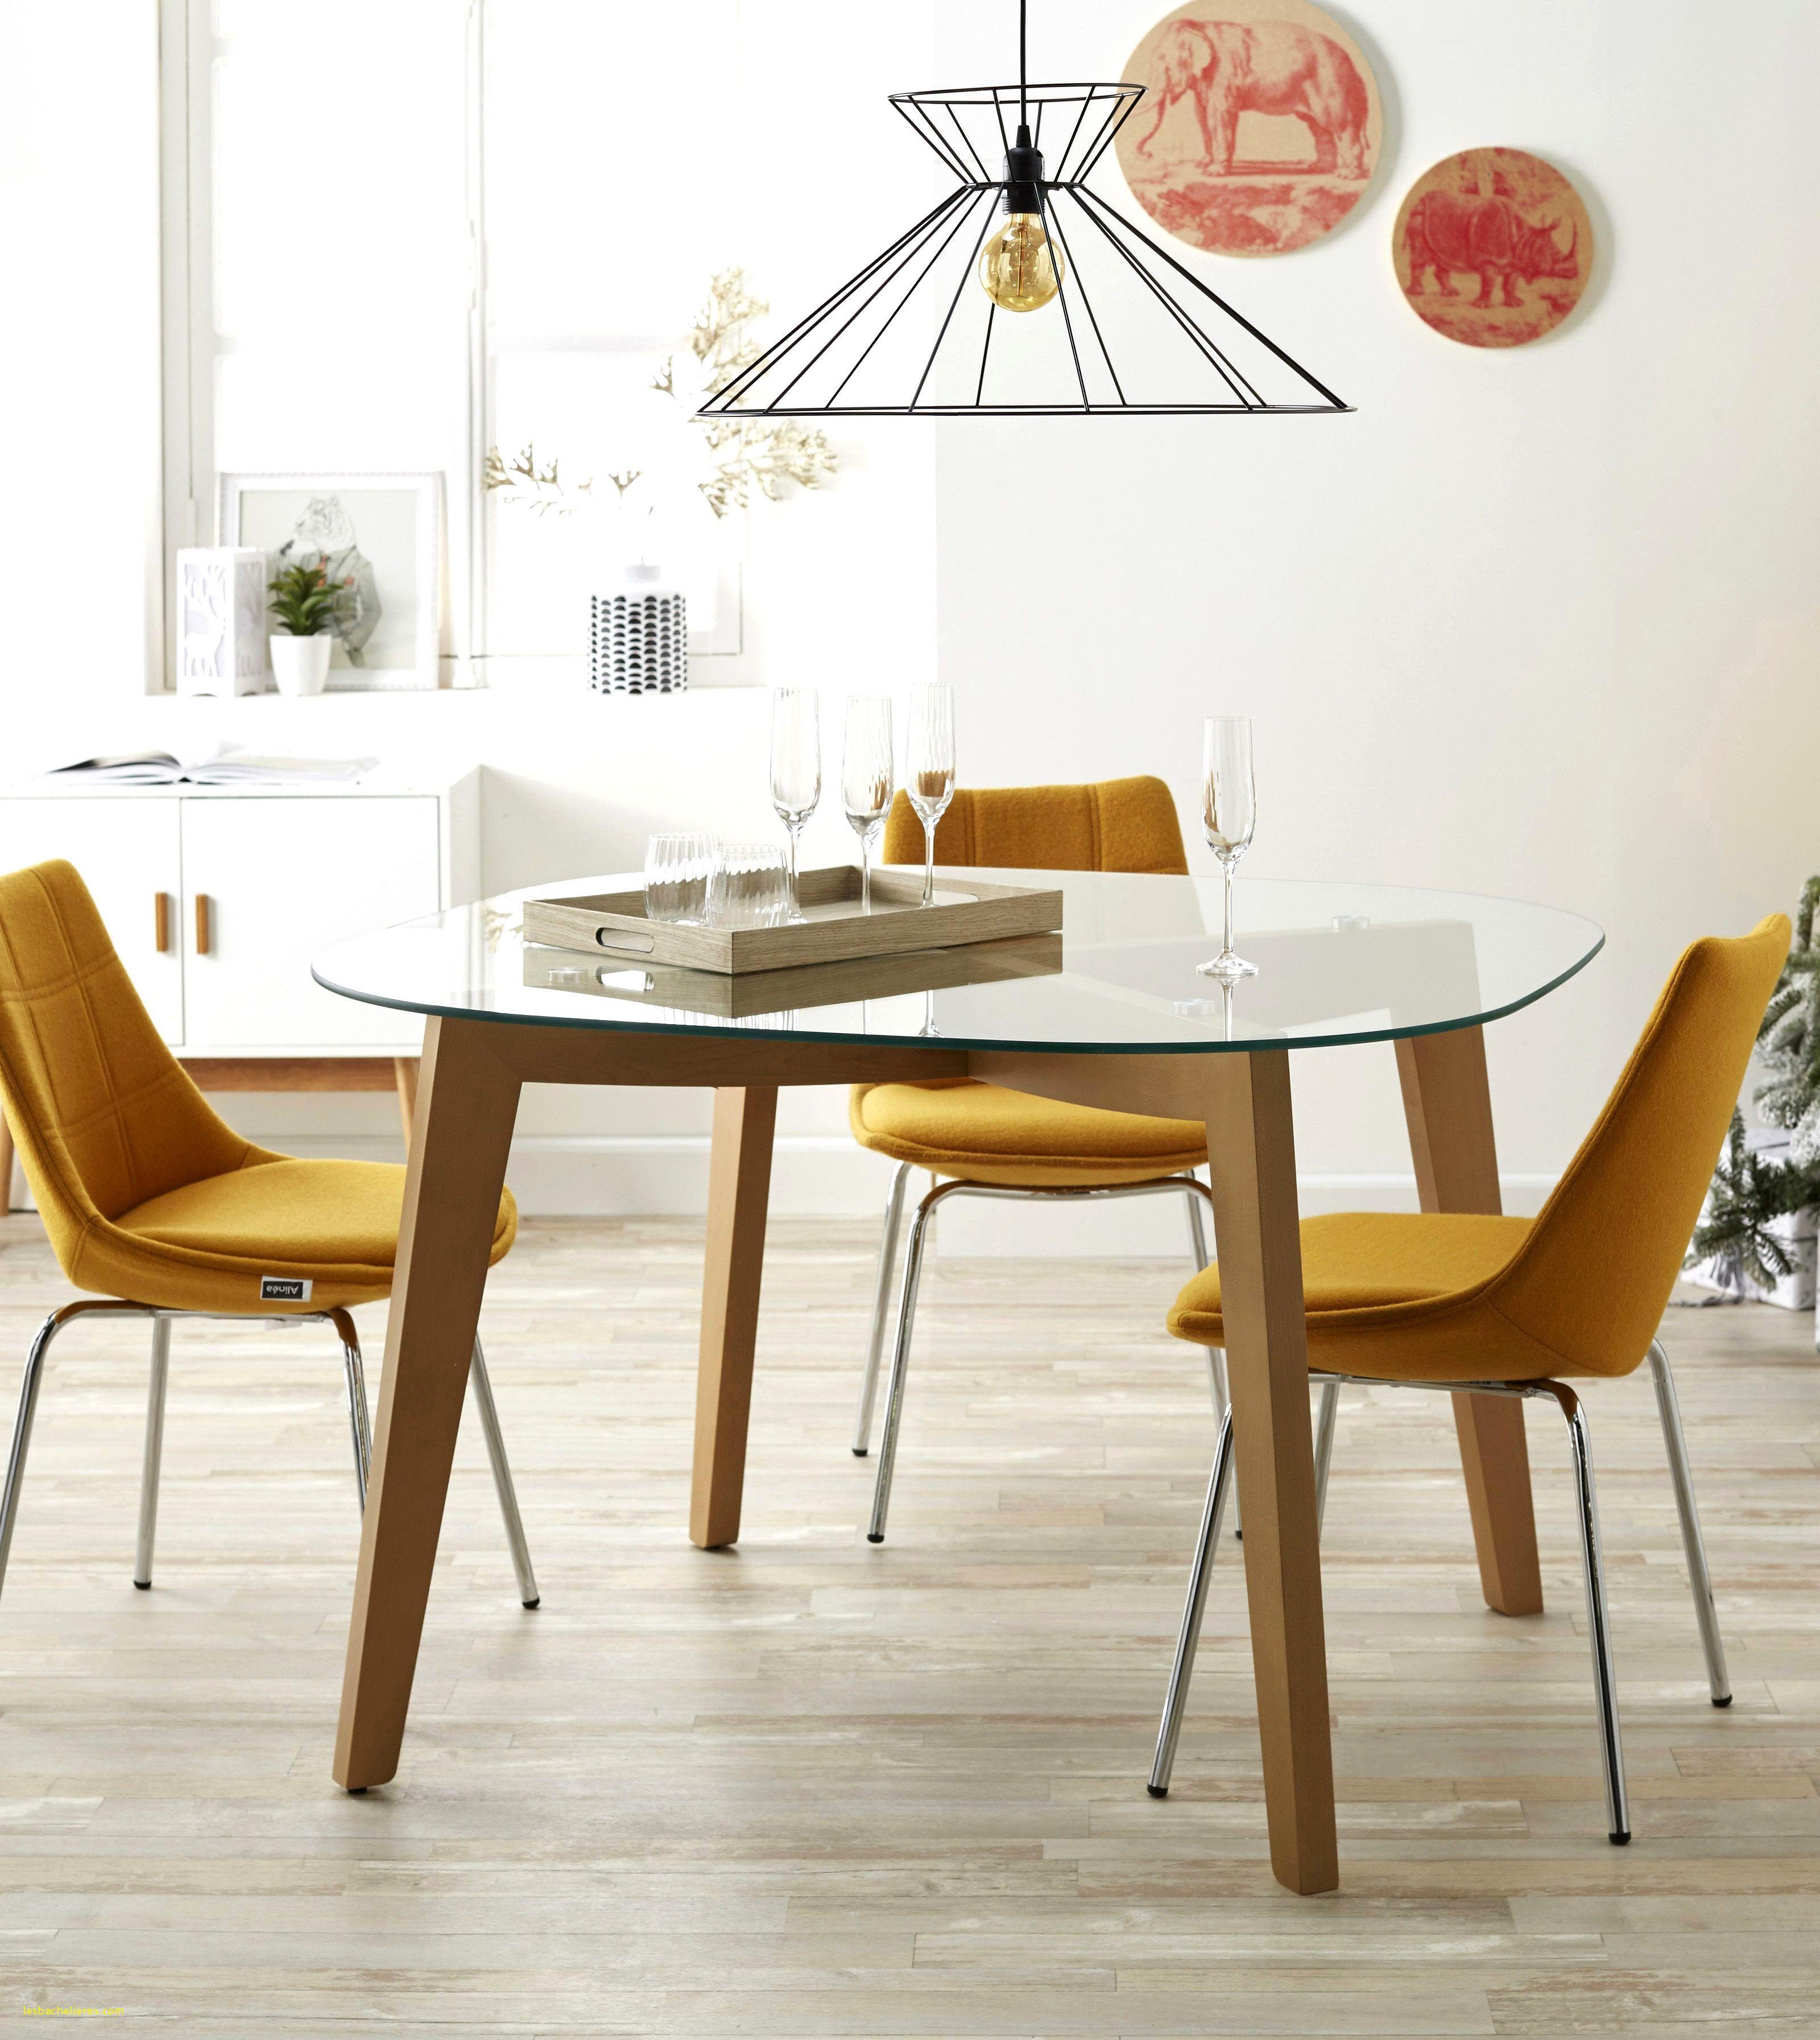 Lovely Hauteur Chaise Salle A Manger Idees De Maison En 2018